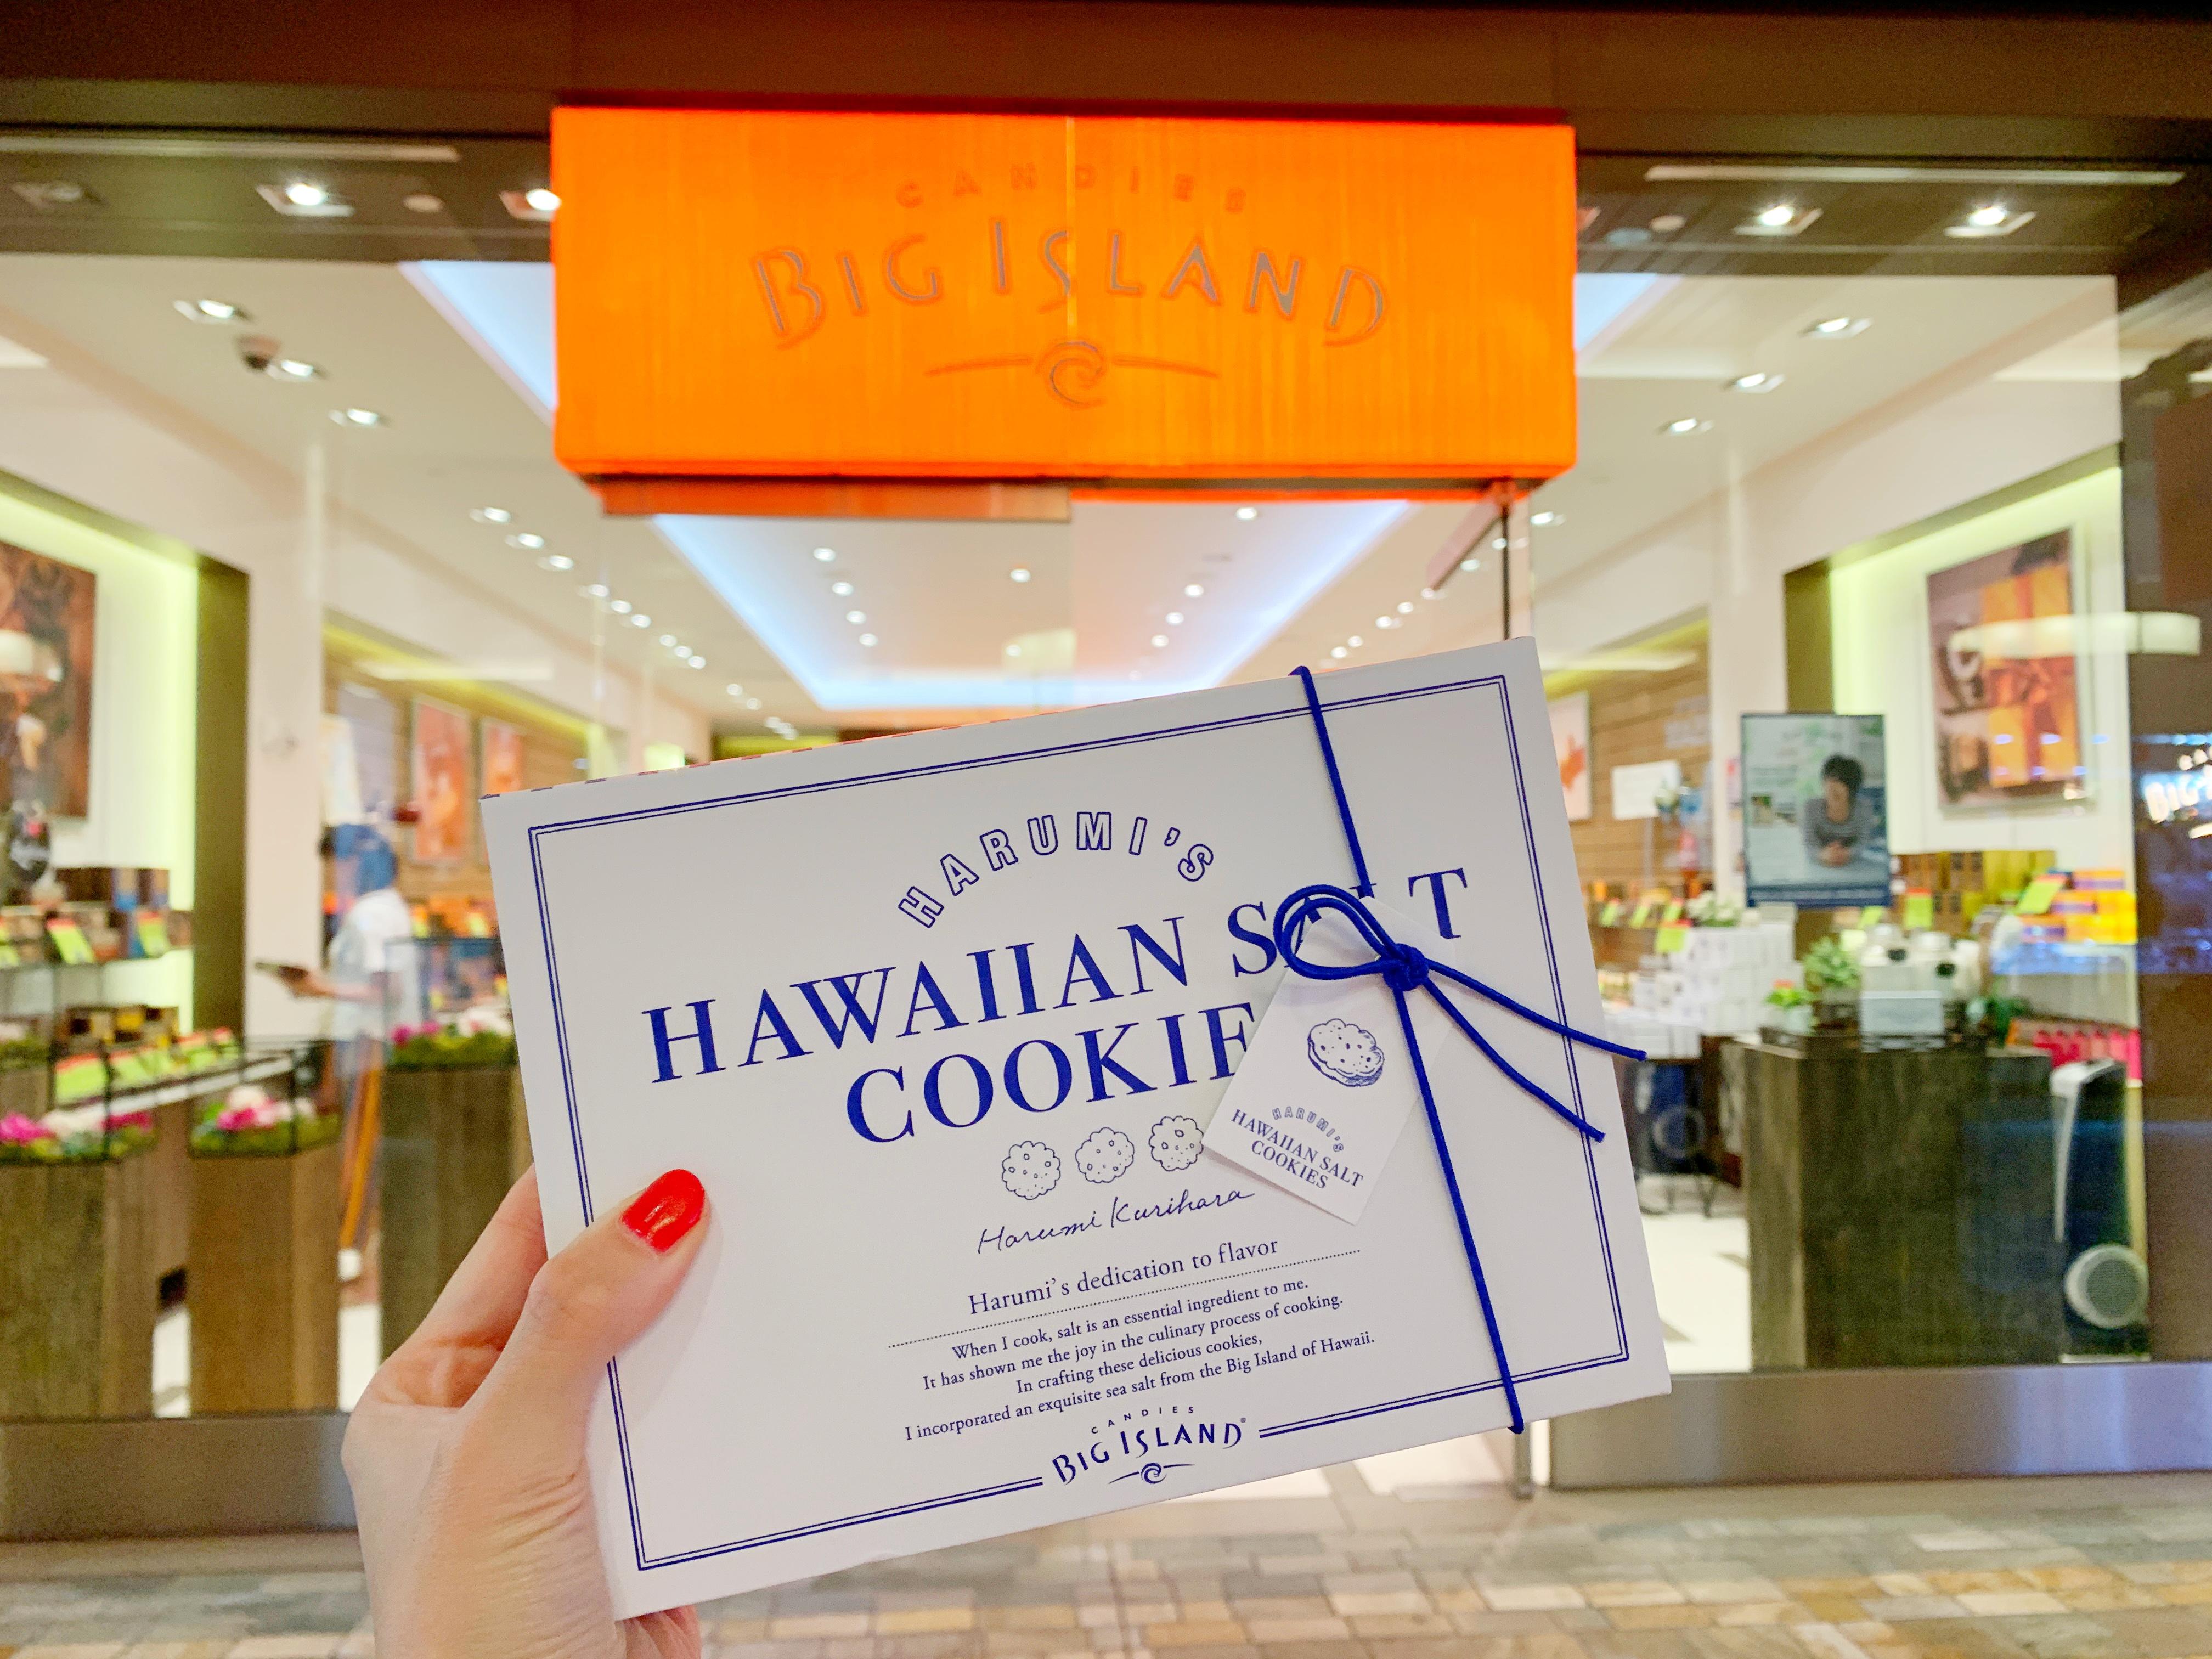 【ハワイ土産】「ビッグアイランド・キャンディーズ」×栗原はるみさん【コラボクッキー】